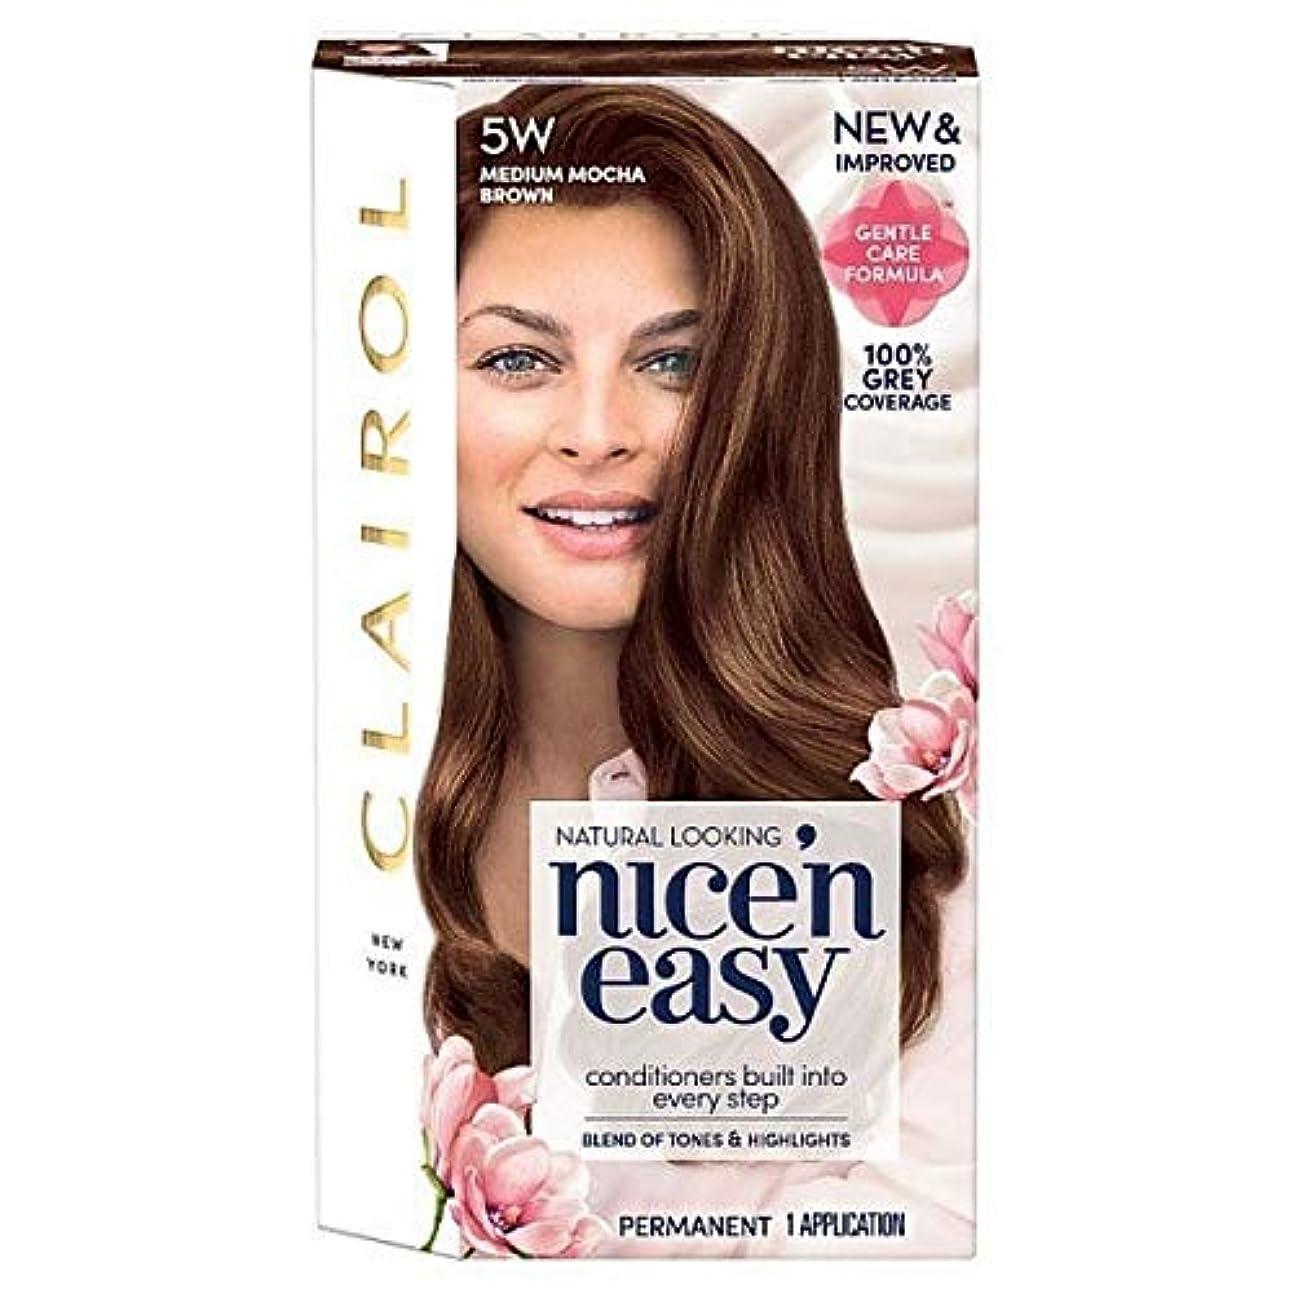 分数不名誉な剥離[Nice'n Easy] 簡単な5ワットメディアモカブラウンNice'N - Nice'n Easy 5W Medium Mocha Brown [並行輸入品]